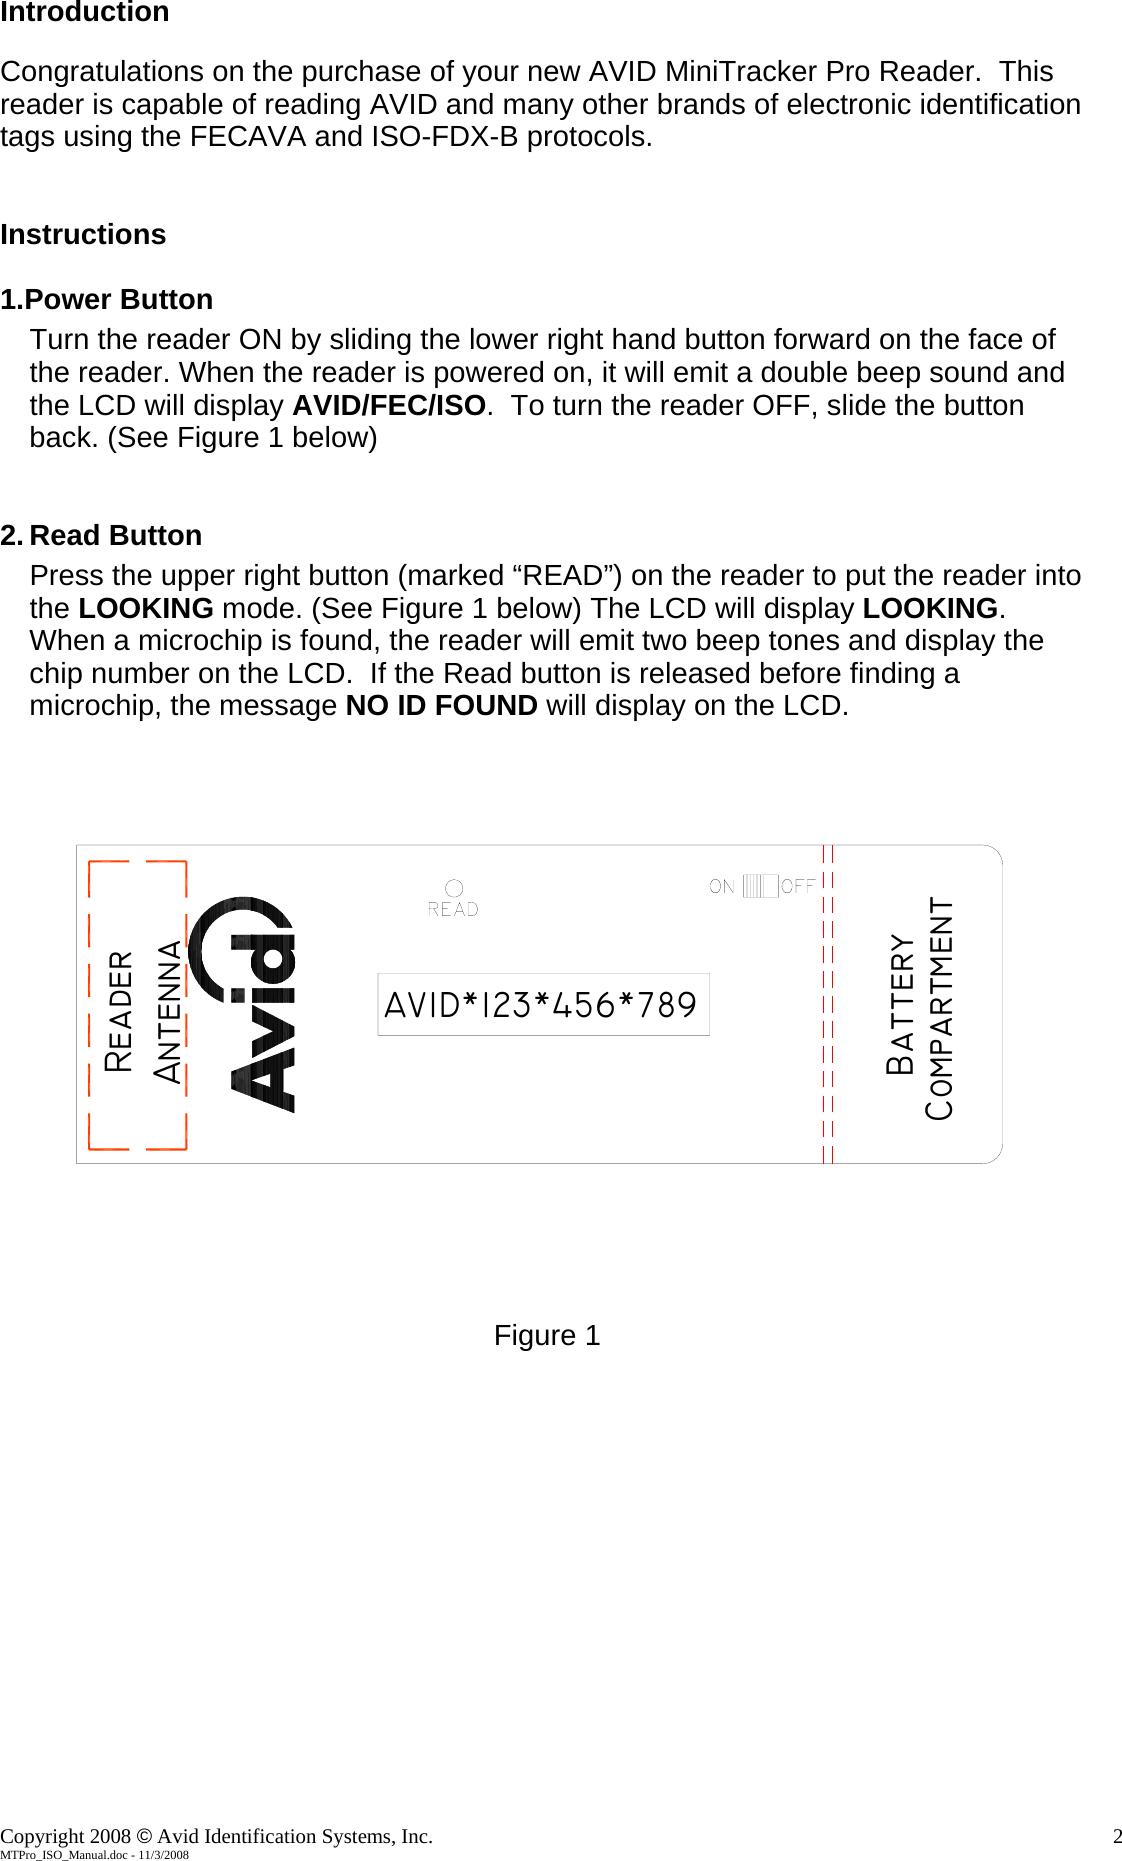 AVID ID Systems 134-AV1034I RFID Reader User Manual Mini TracKer